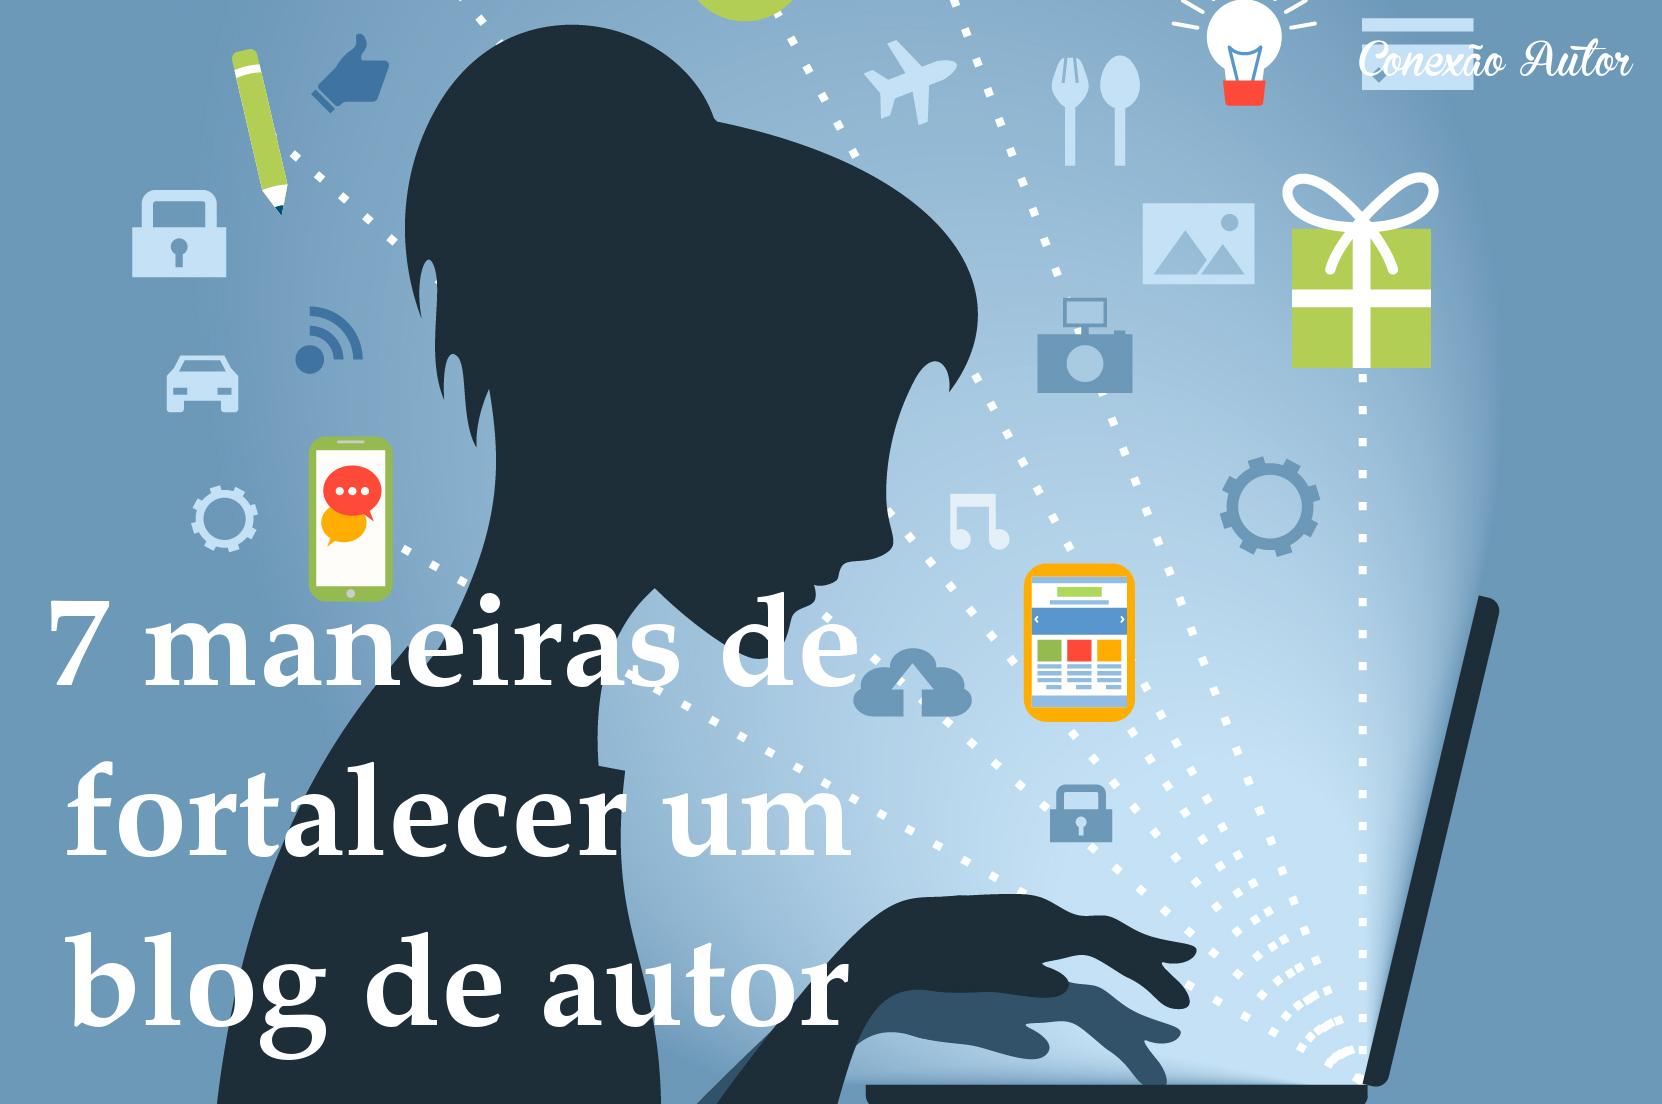 7 maneiras de fortalecer blog de autor